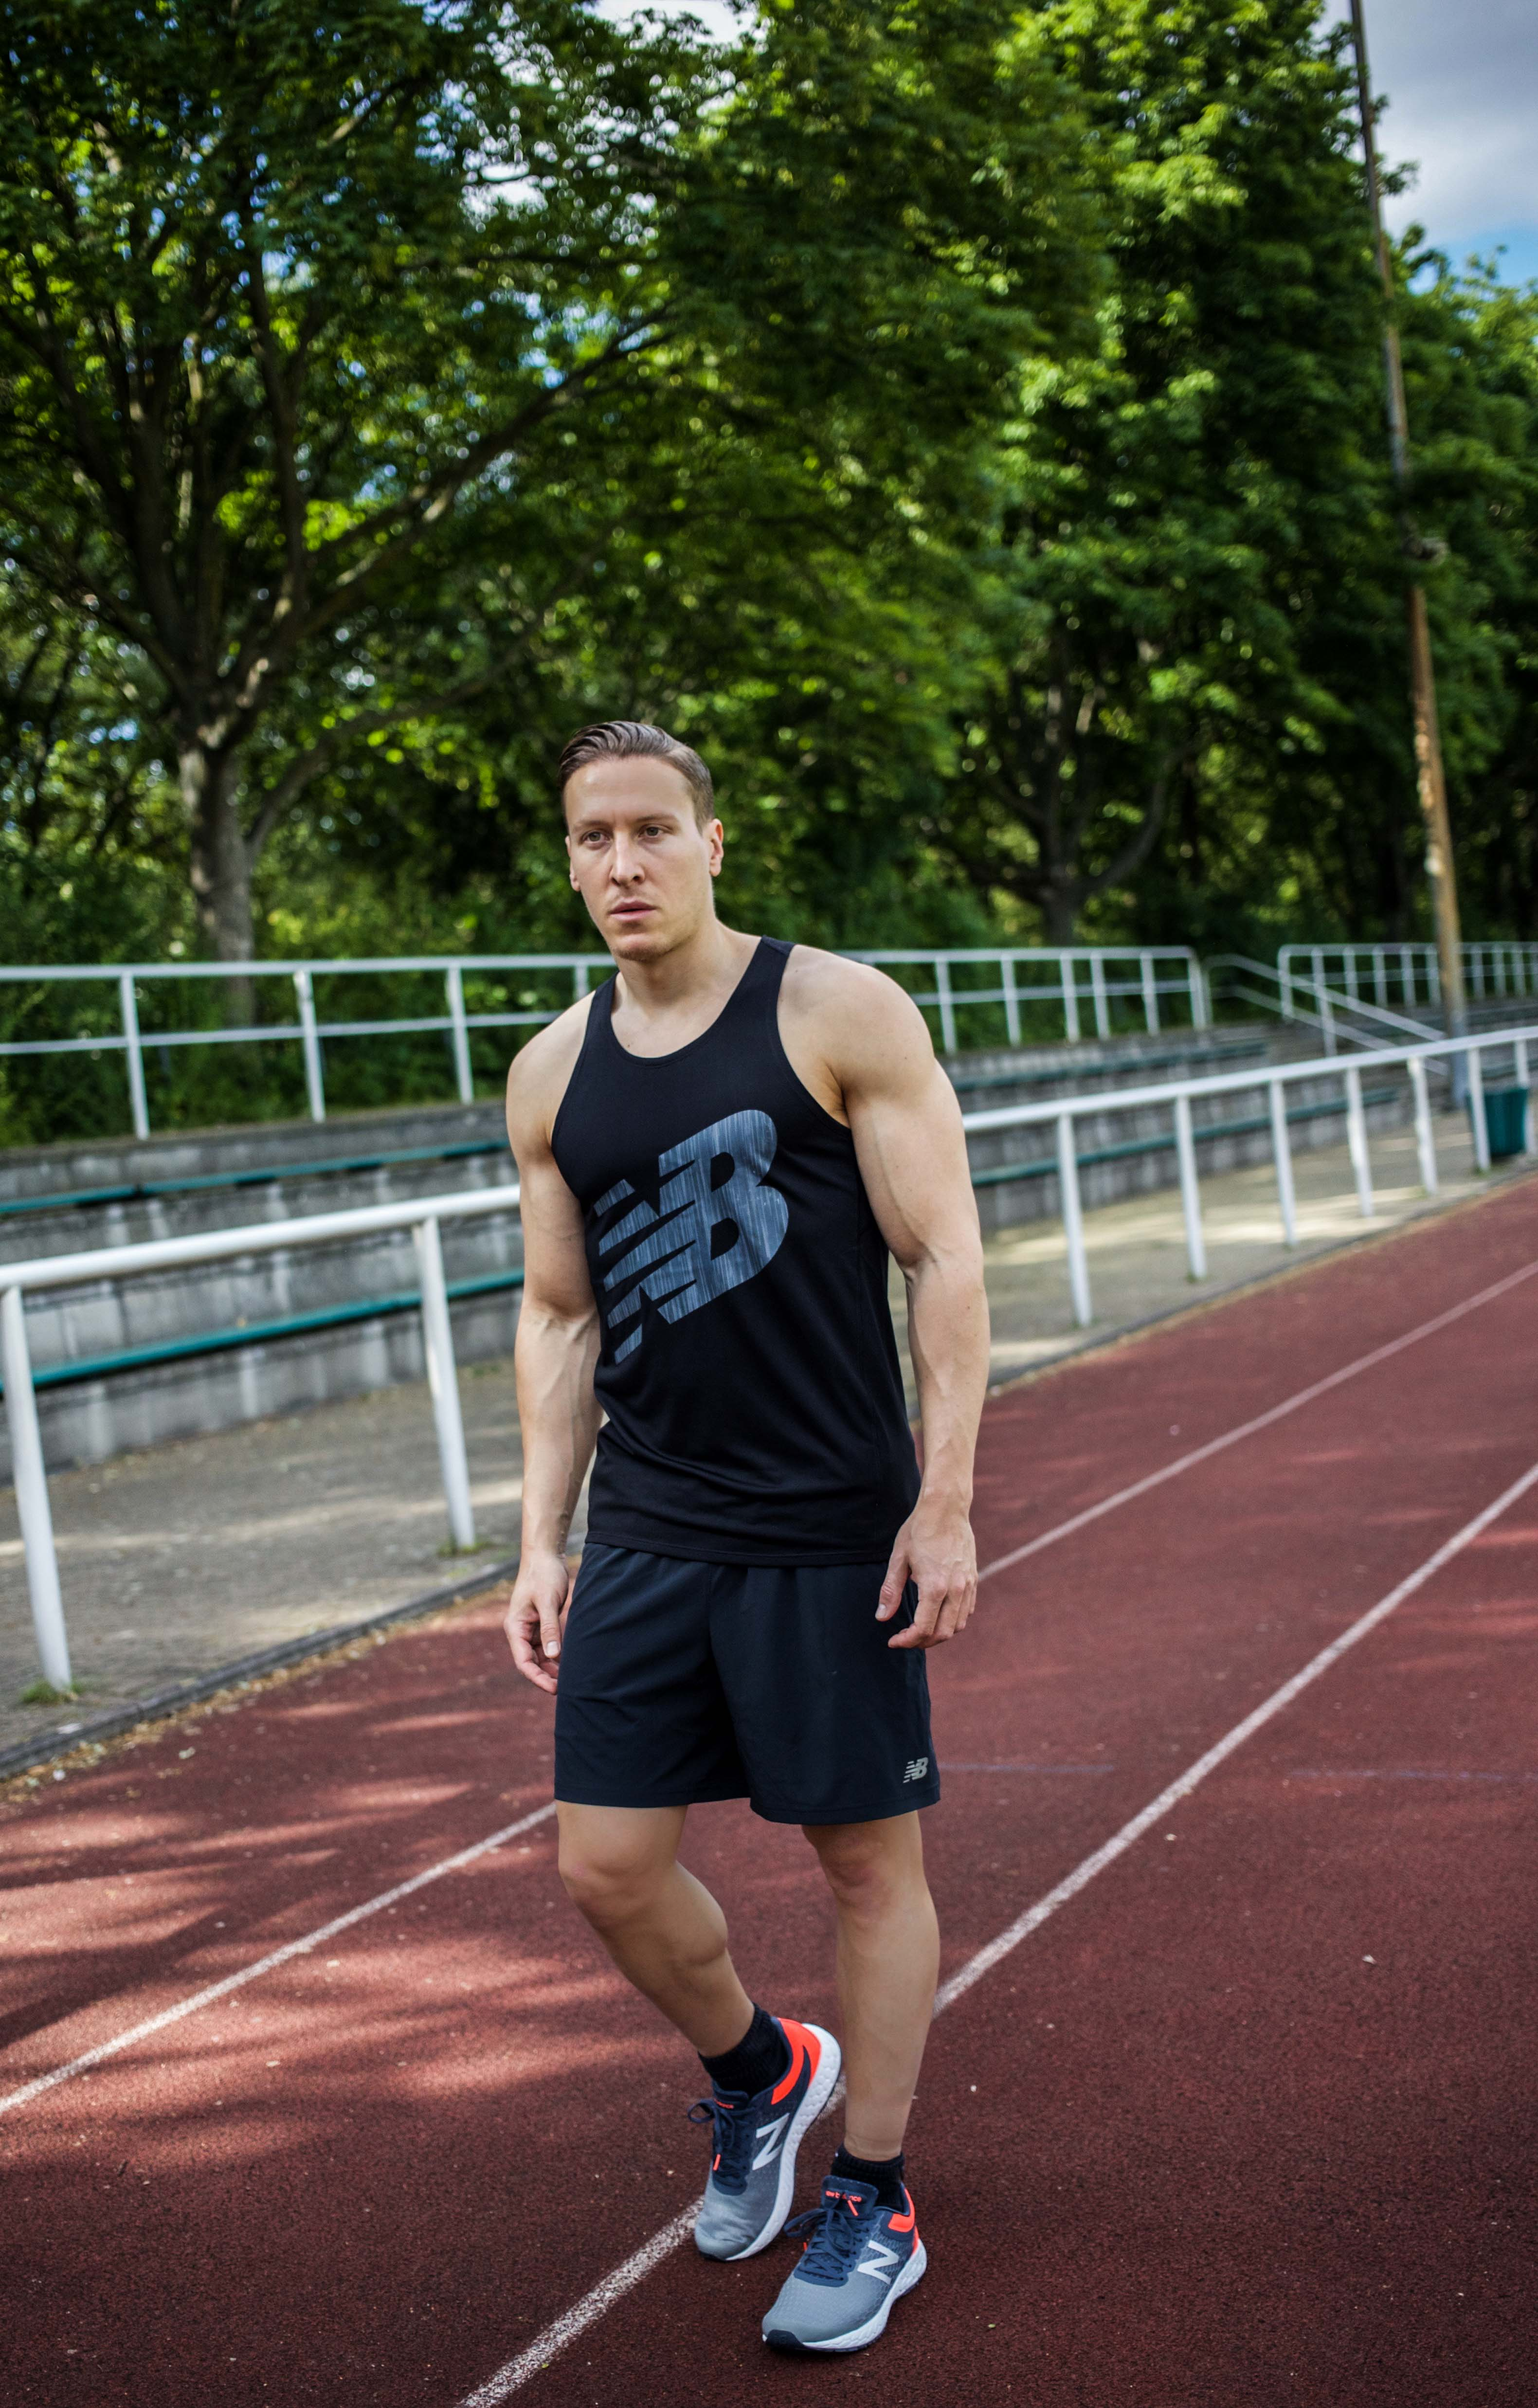 hiit-training-trainingsplan-hochintensives-intervalltraining-vorteile-fitness-sport-ausdauer-abnehmen_6014